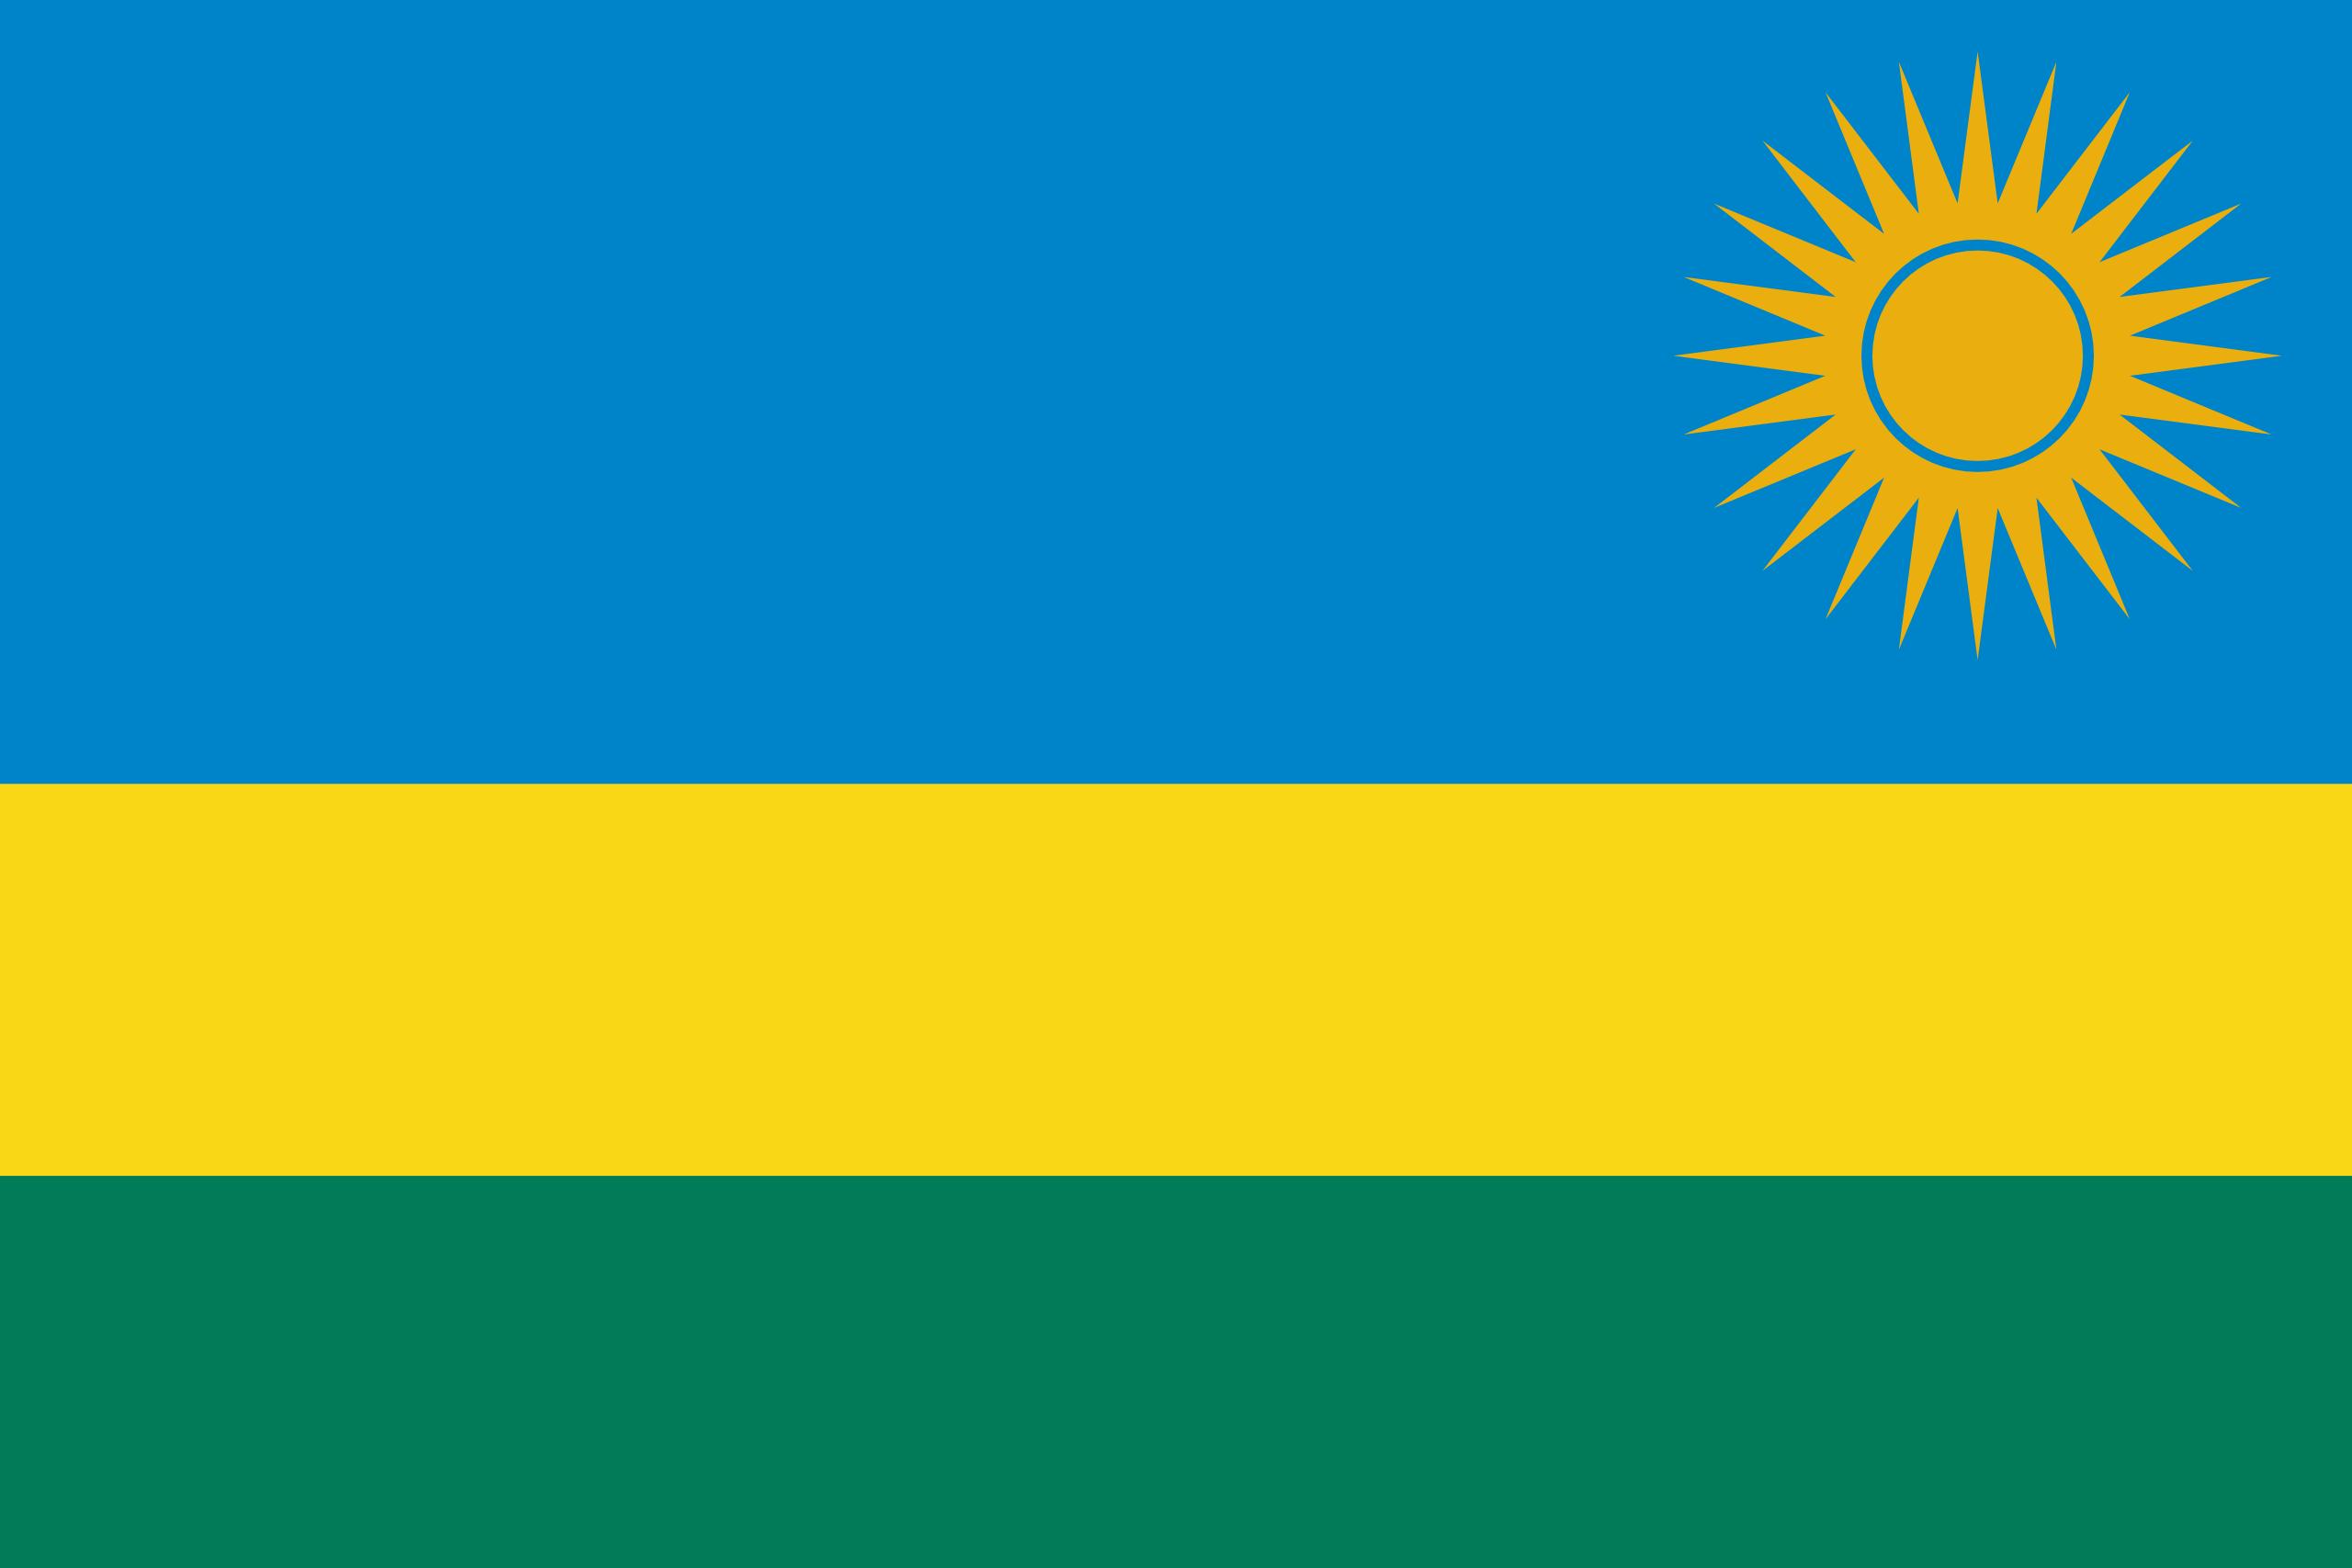 Rwanda, pays, emblème, logo, symbole - Fonds d'écran HD - Professor-falken.com